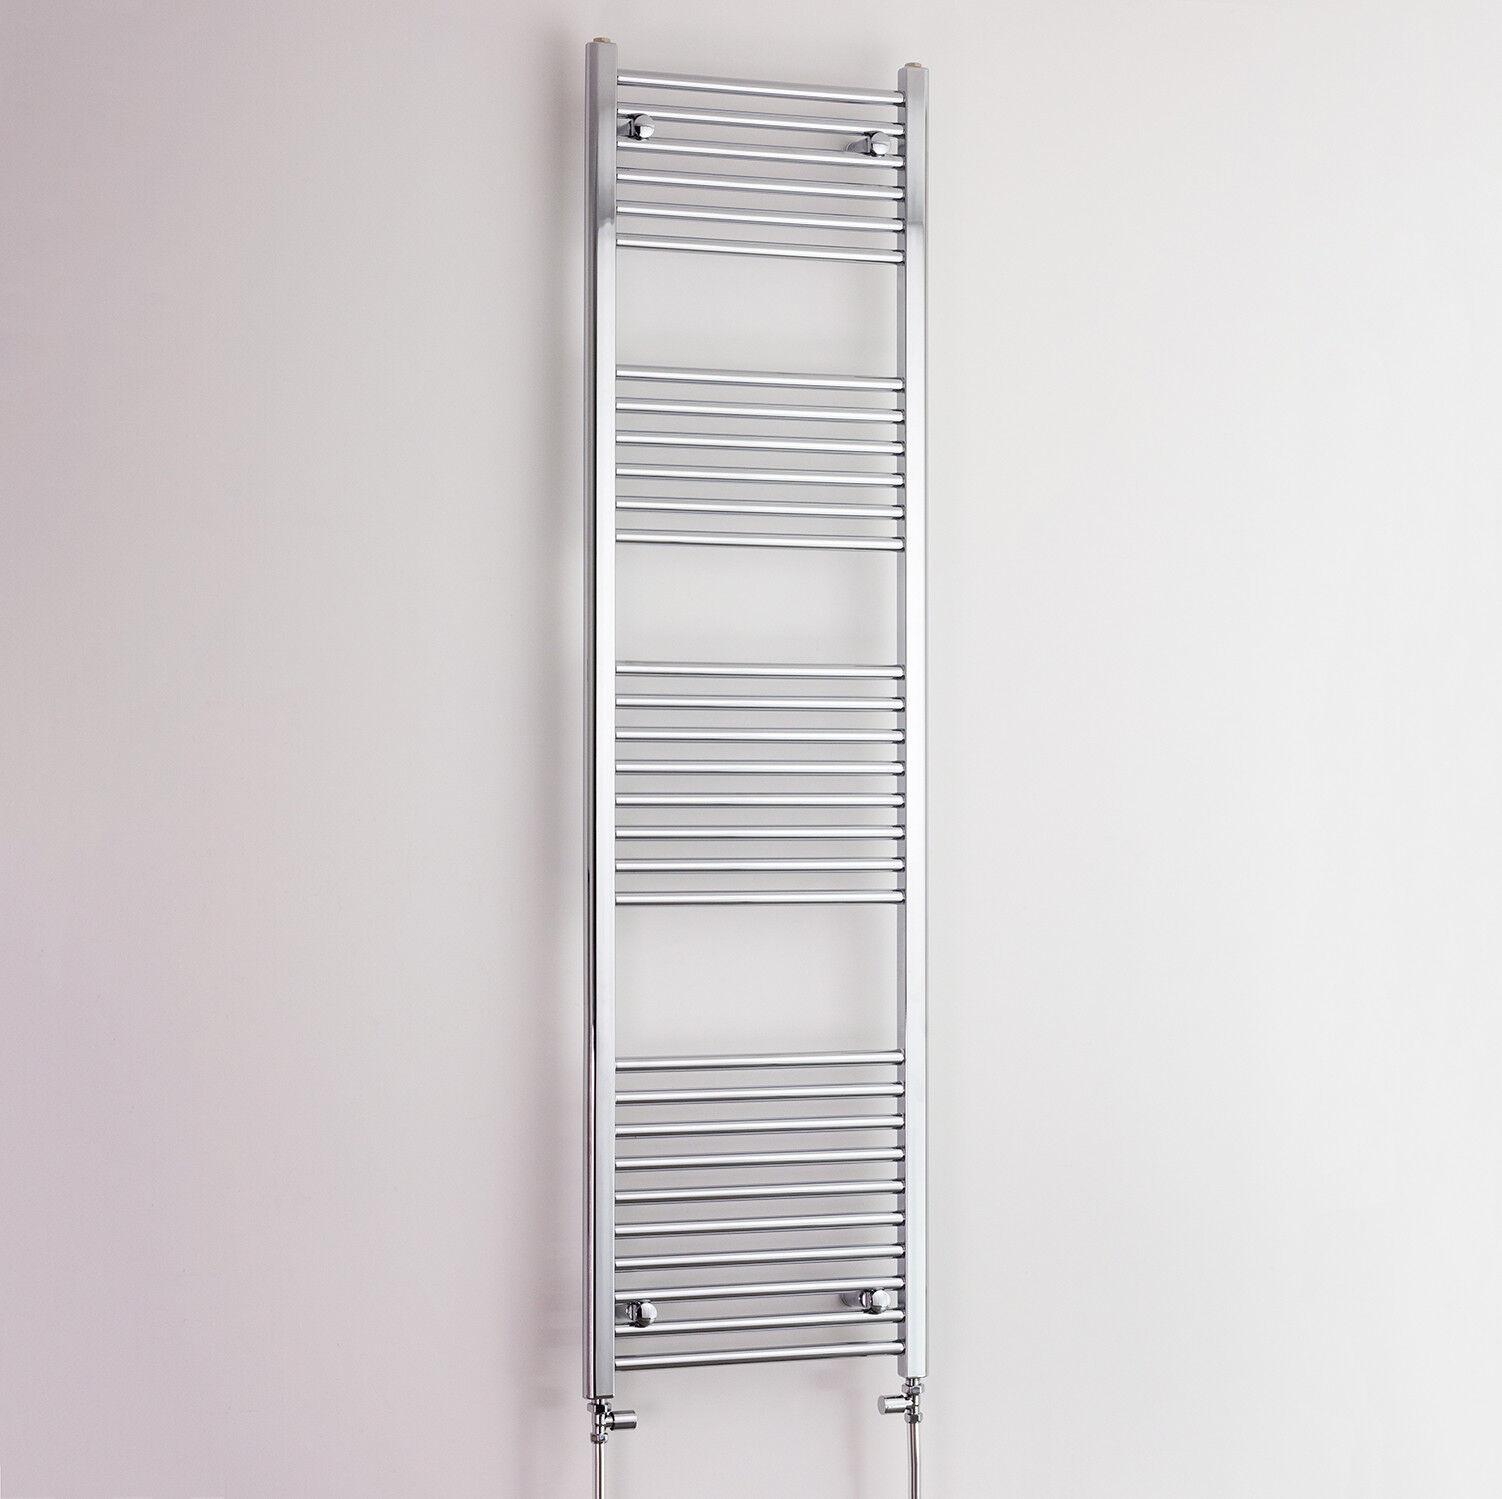 500 X 1800 Cromado Toallero calentado planos o curvos Radiador para calefacción central